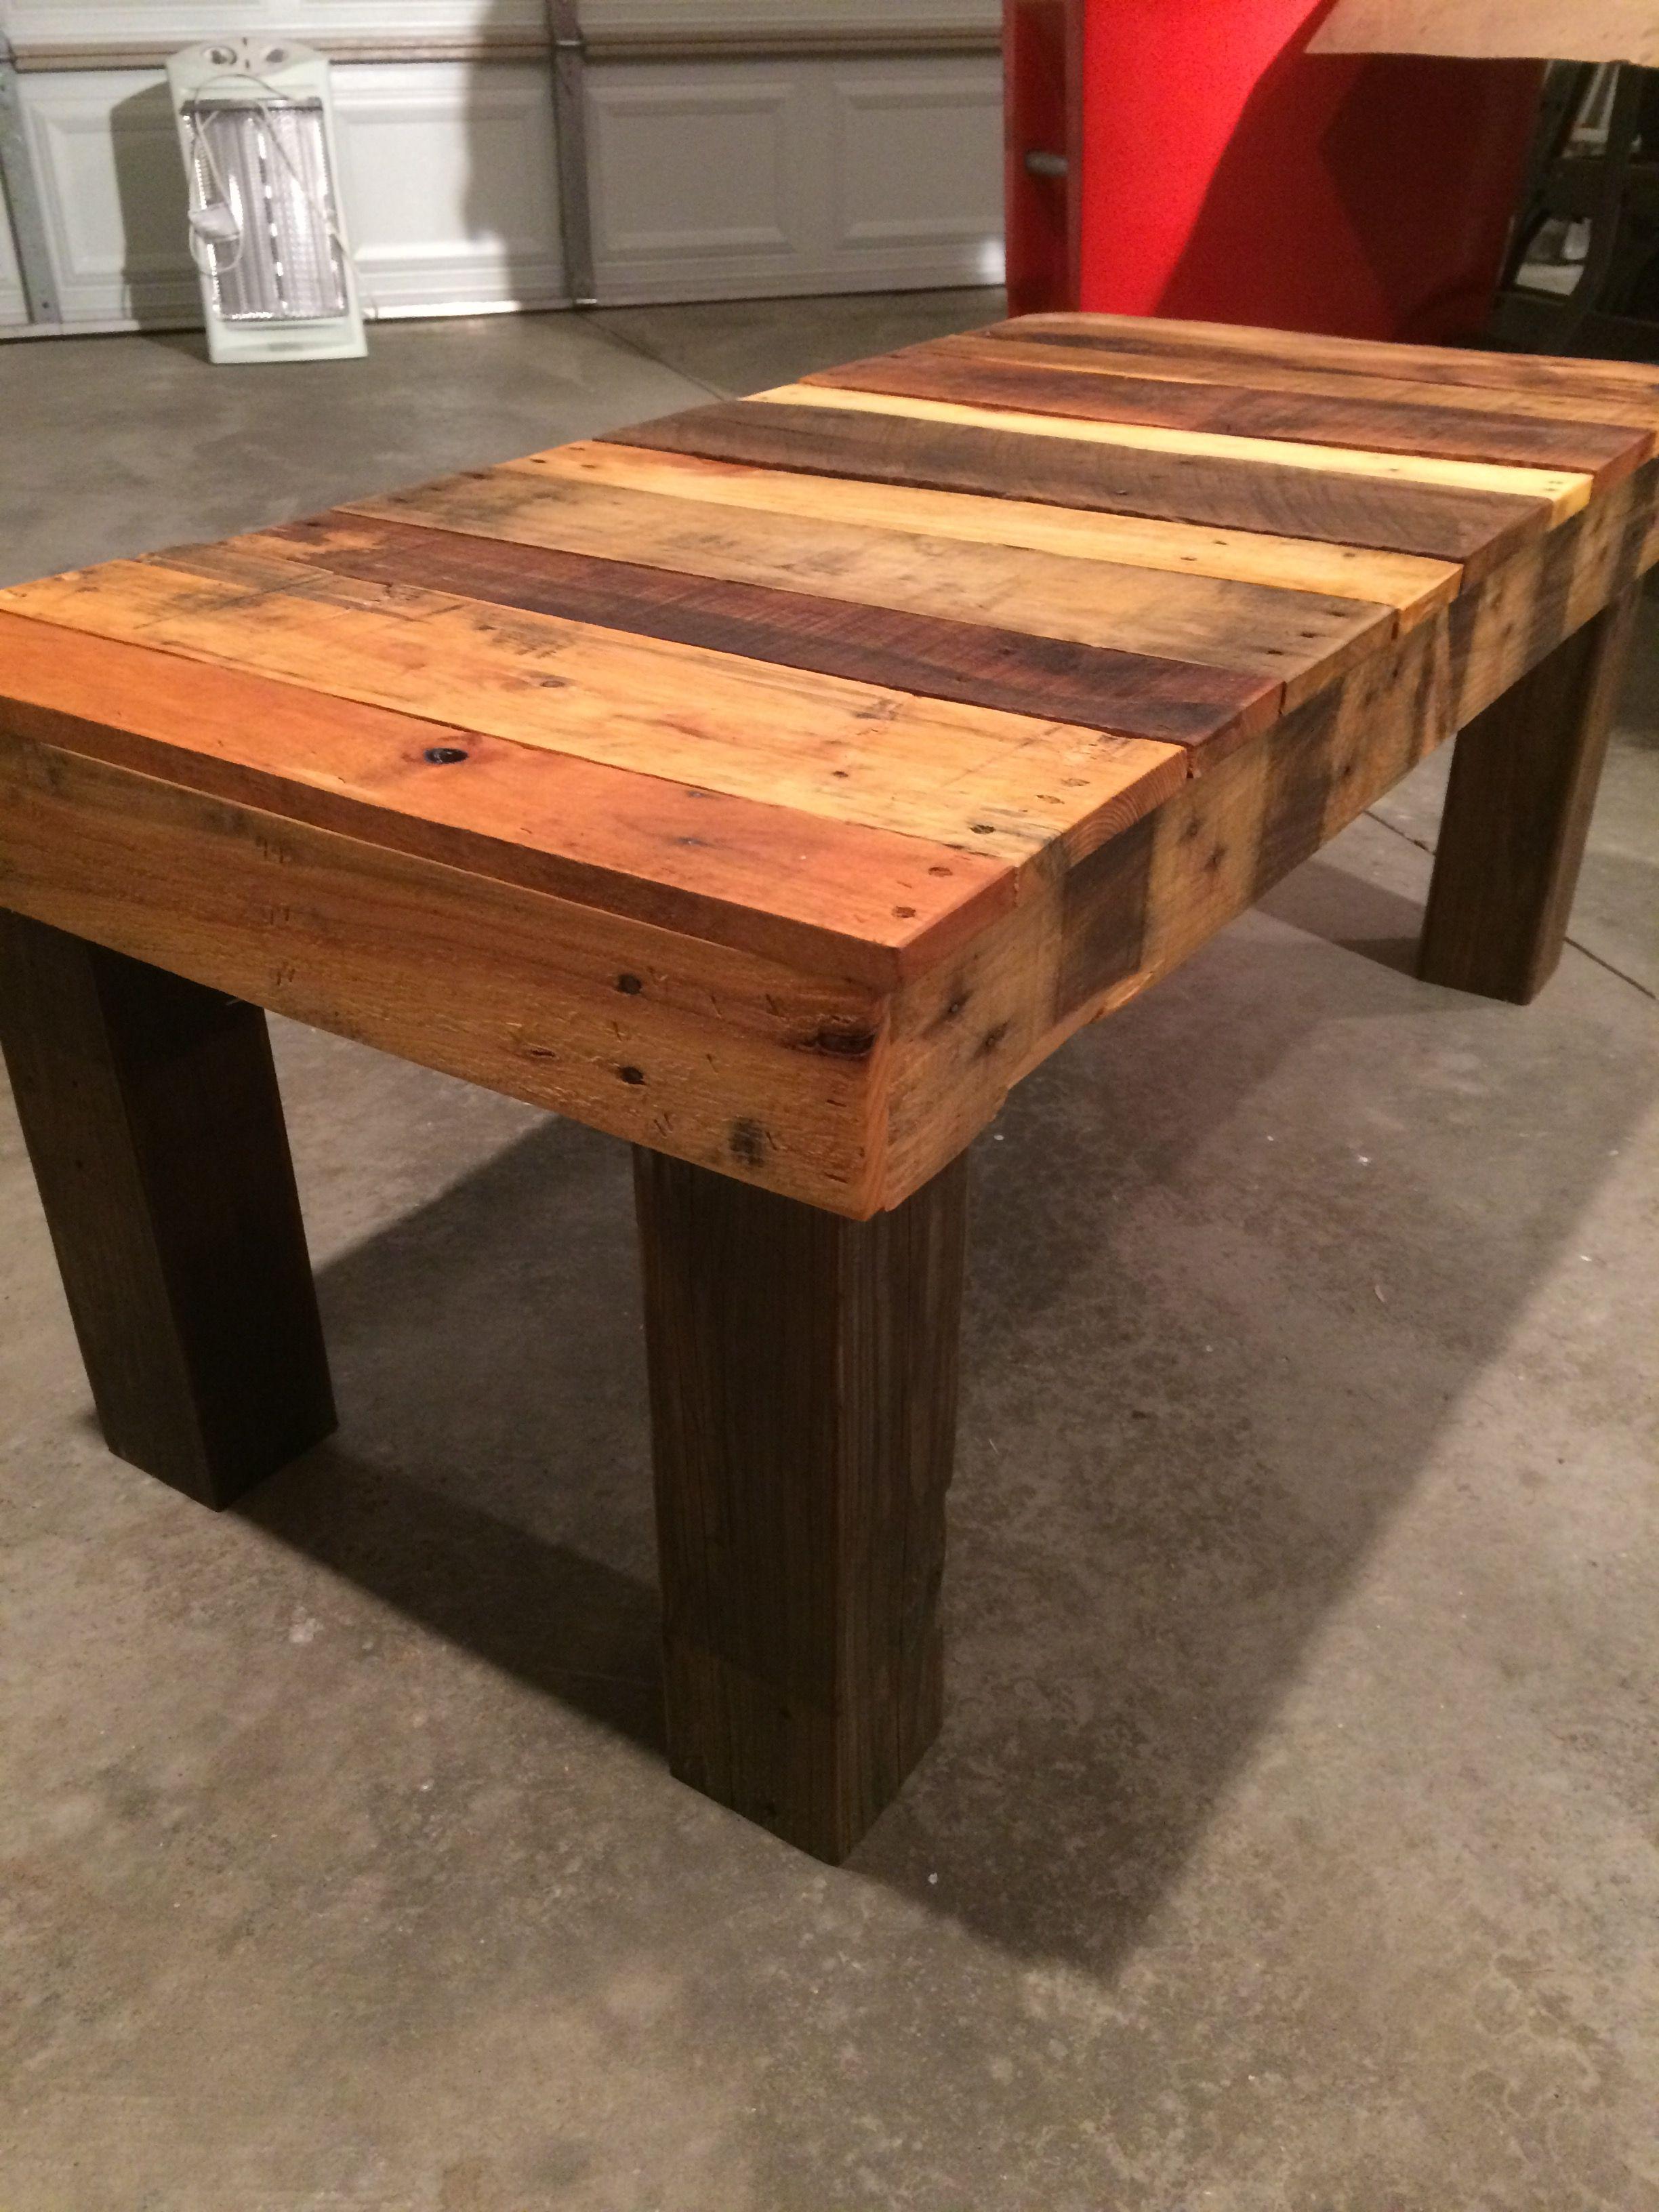 palettes furniture. Palettes Furniture. Pallets, Furniture, Pinterest Pallet Boards, Pallet, Color Palettes, Furniture